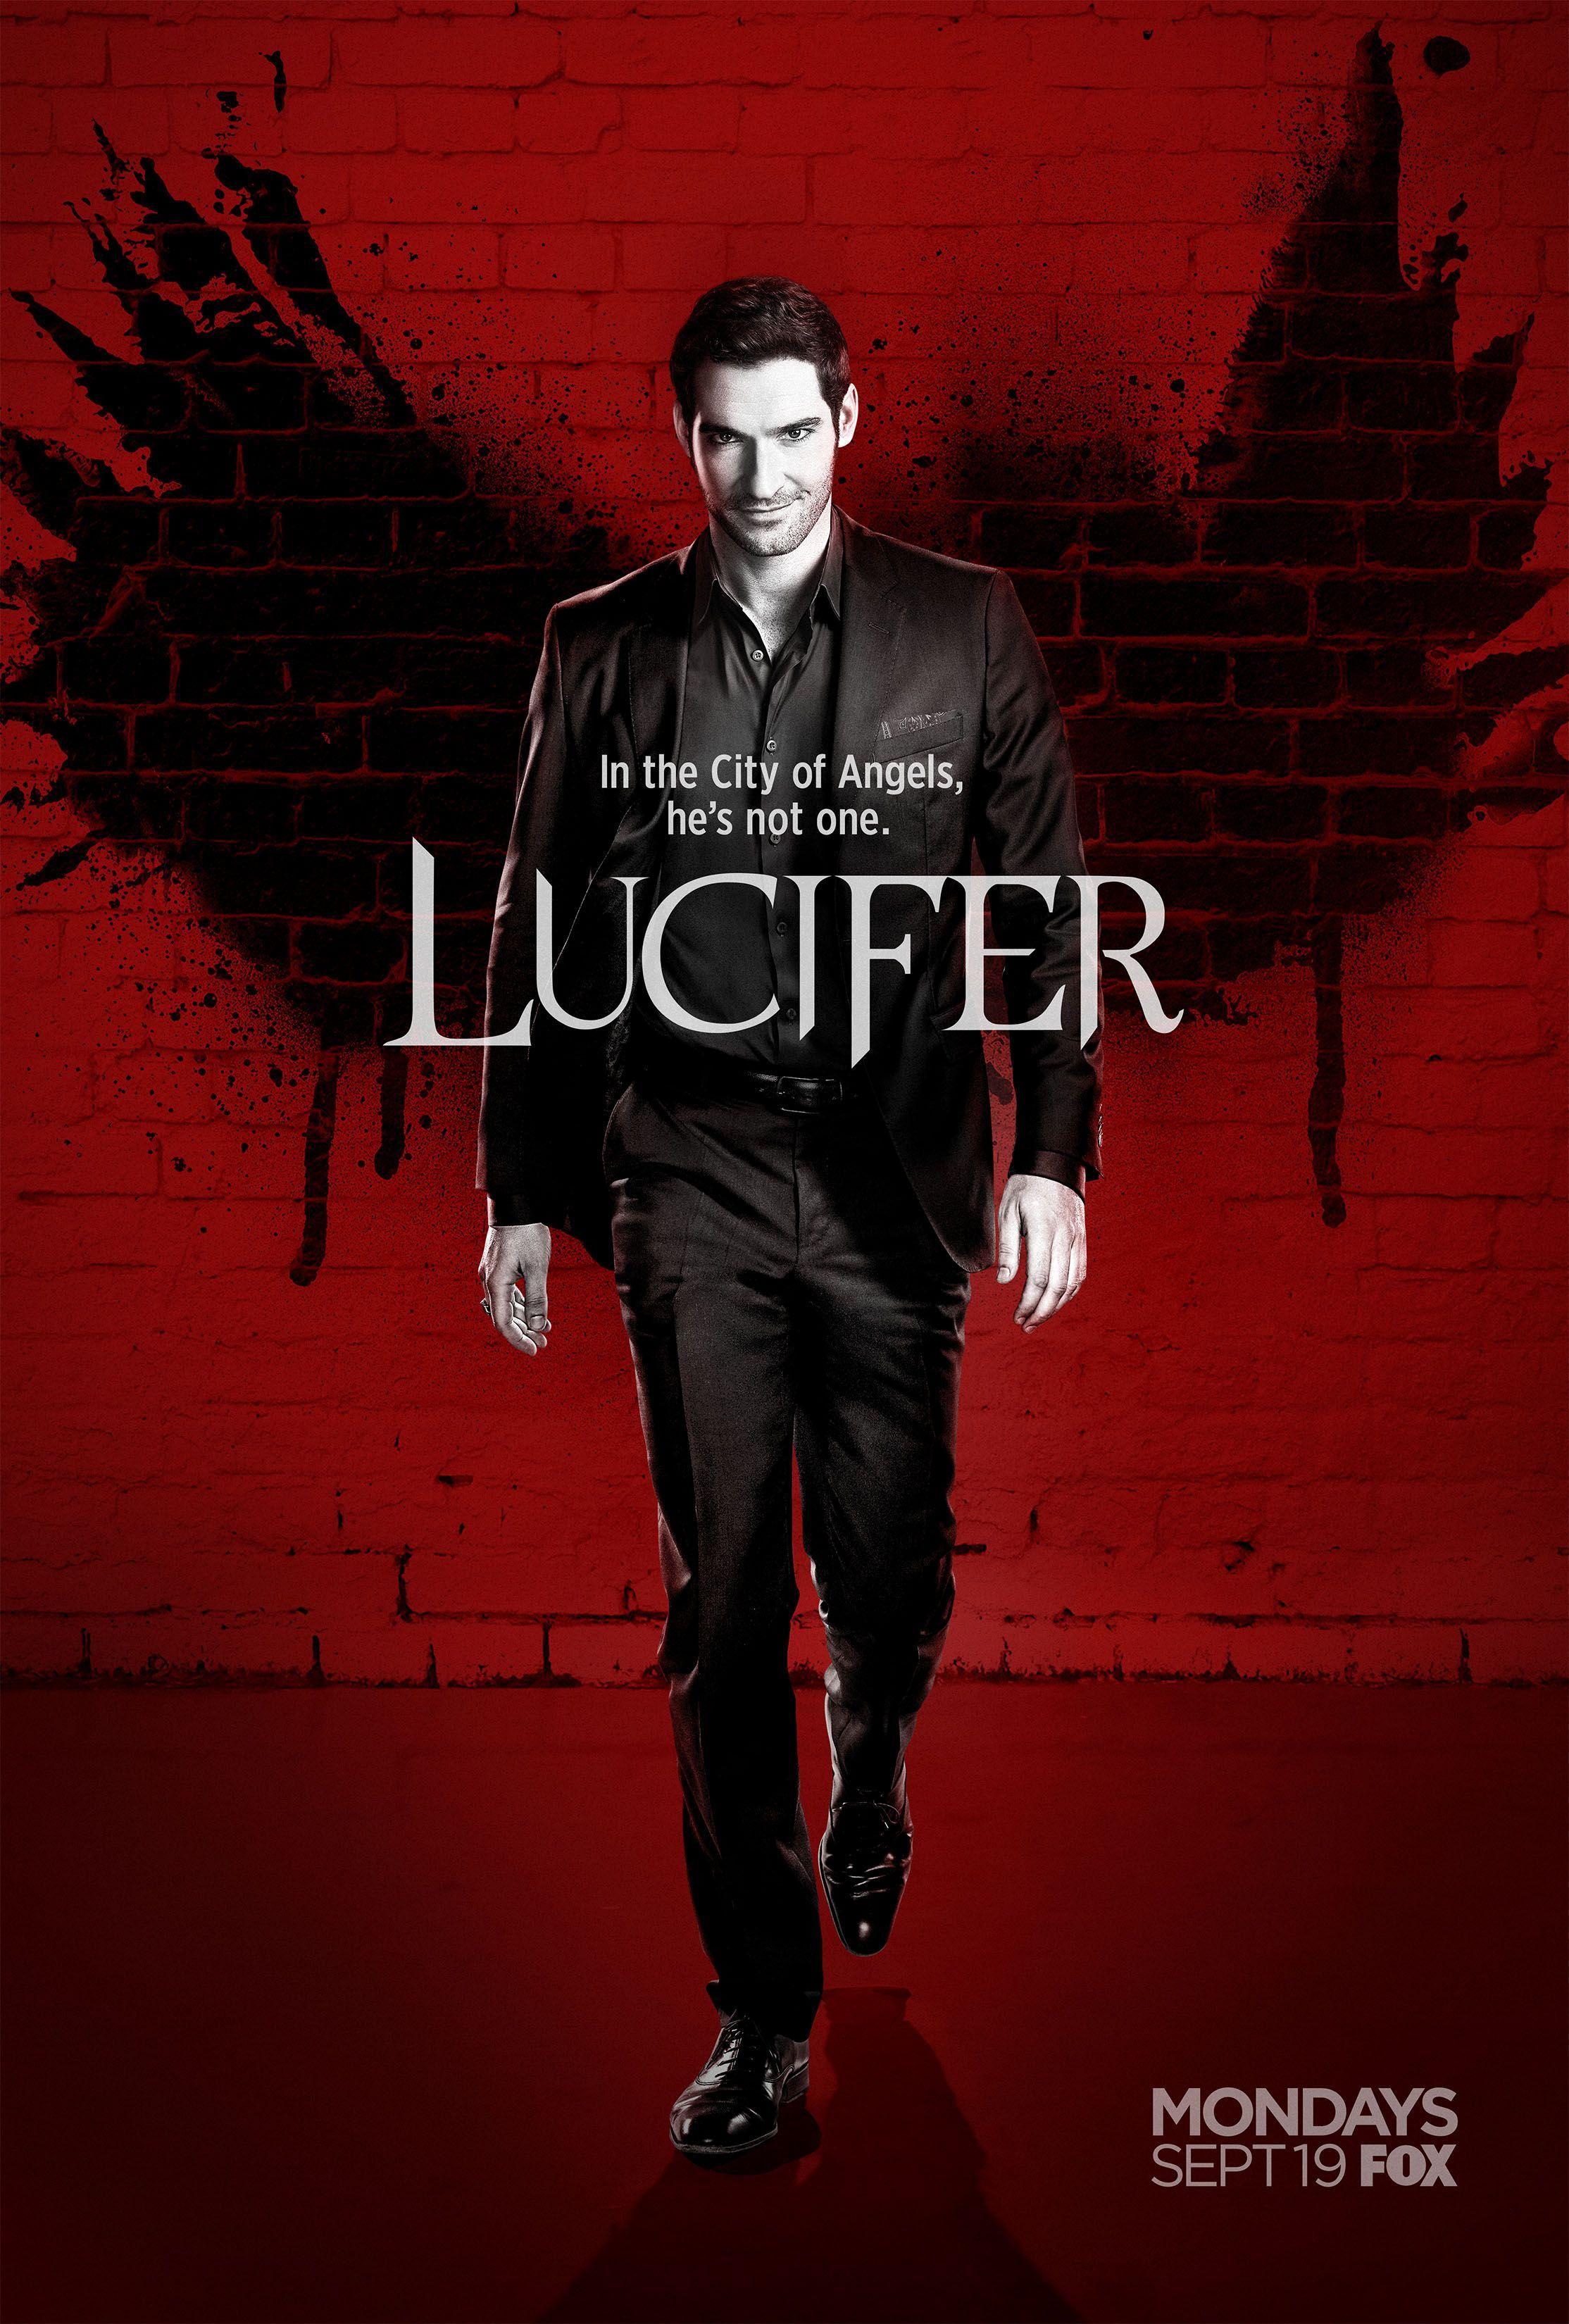 Lucifer Filmes Posteres De Filmes E Series E Filmes